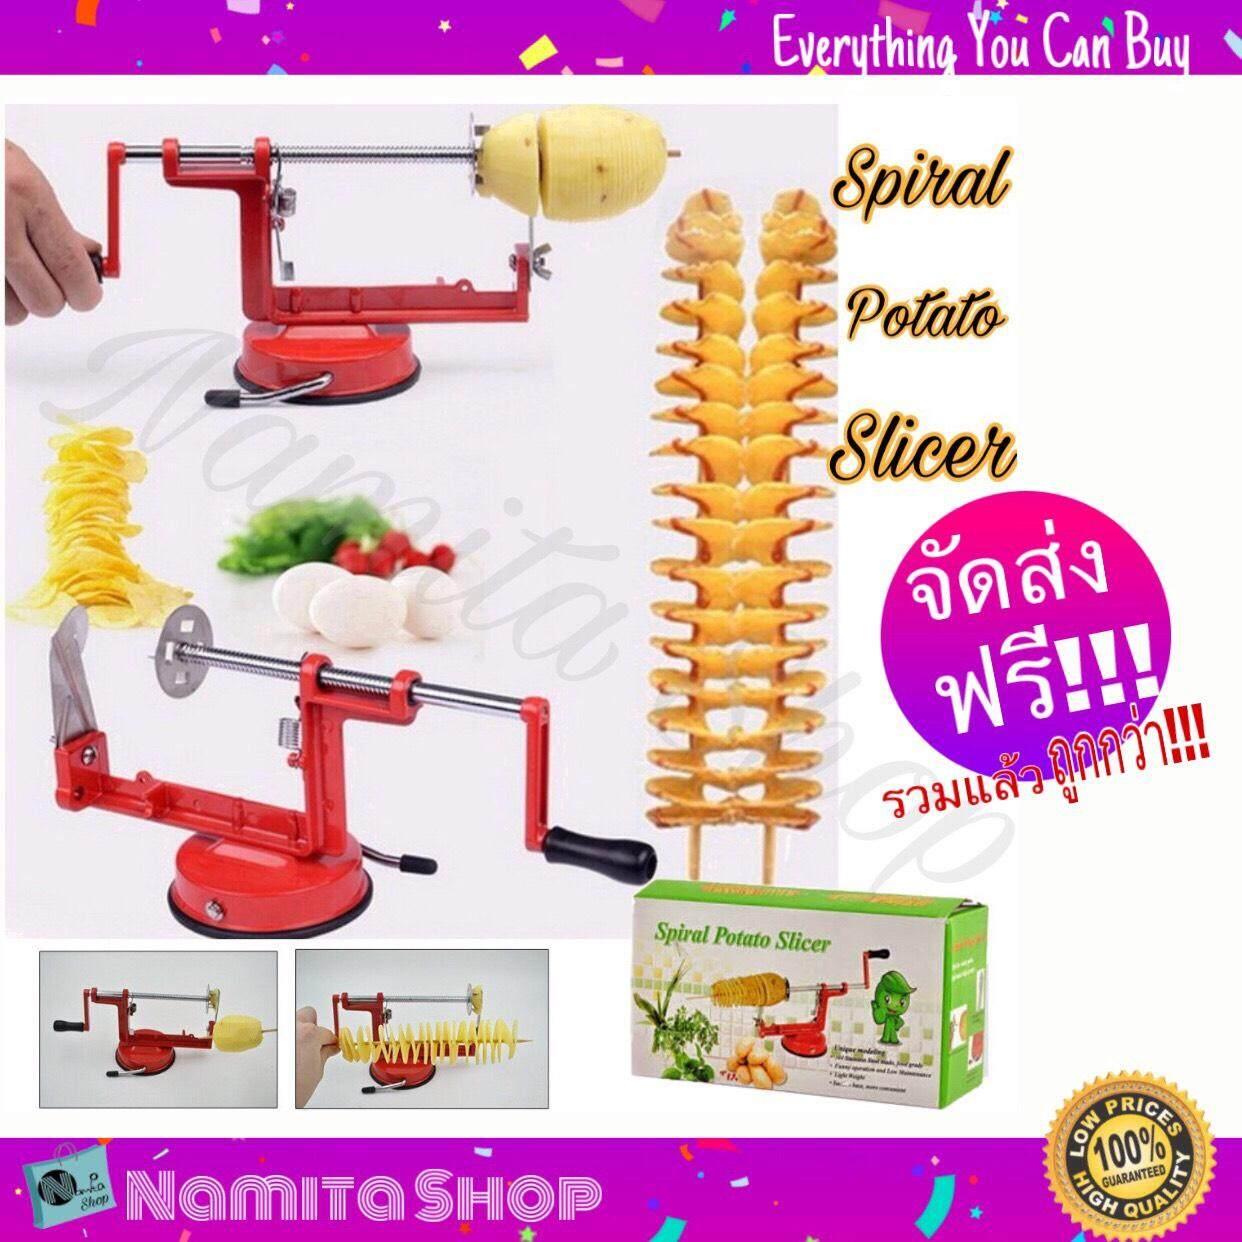 Spiral Potato Slicer เครื่องทำมันเกลียว ทำมันเกลียว สไลด์มันฝรั่ง ทำมันฝรั่งเกลียวแสนง่ายดาย (จัดส่งฟรี) By Namita Shop.